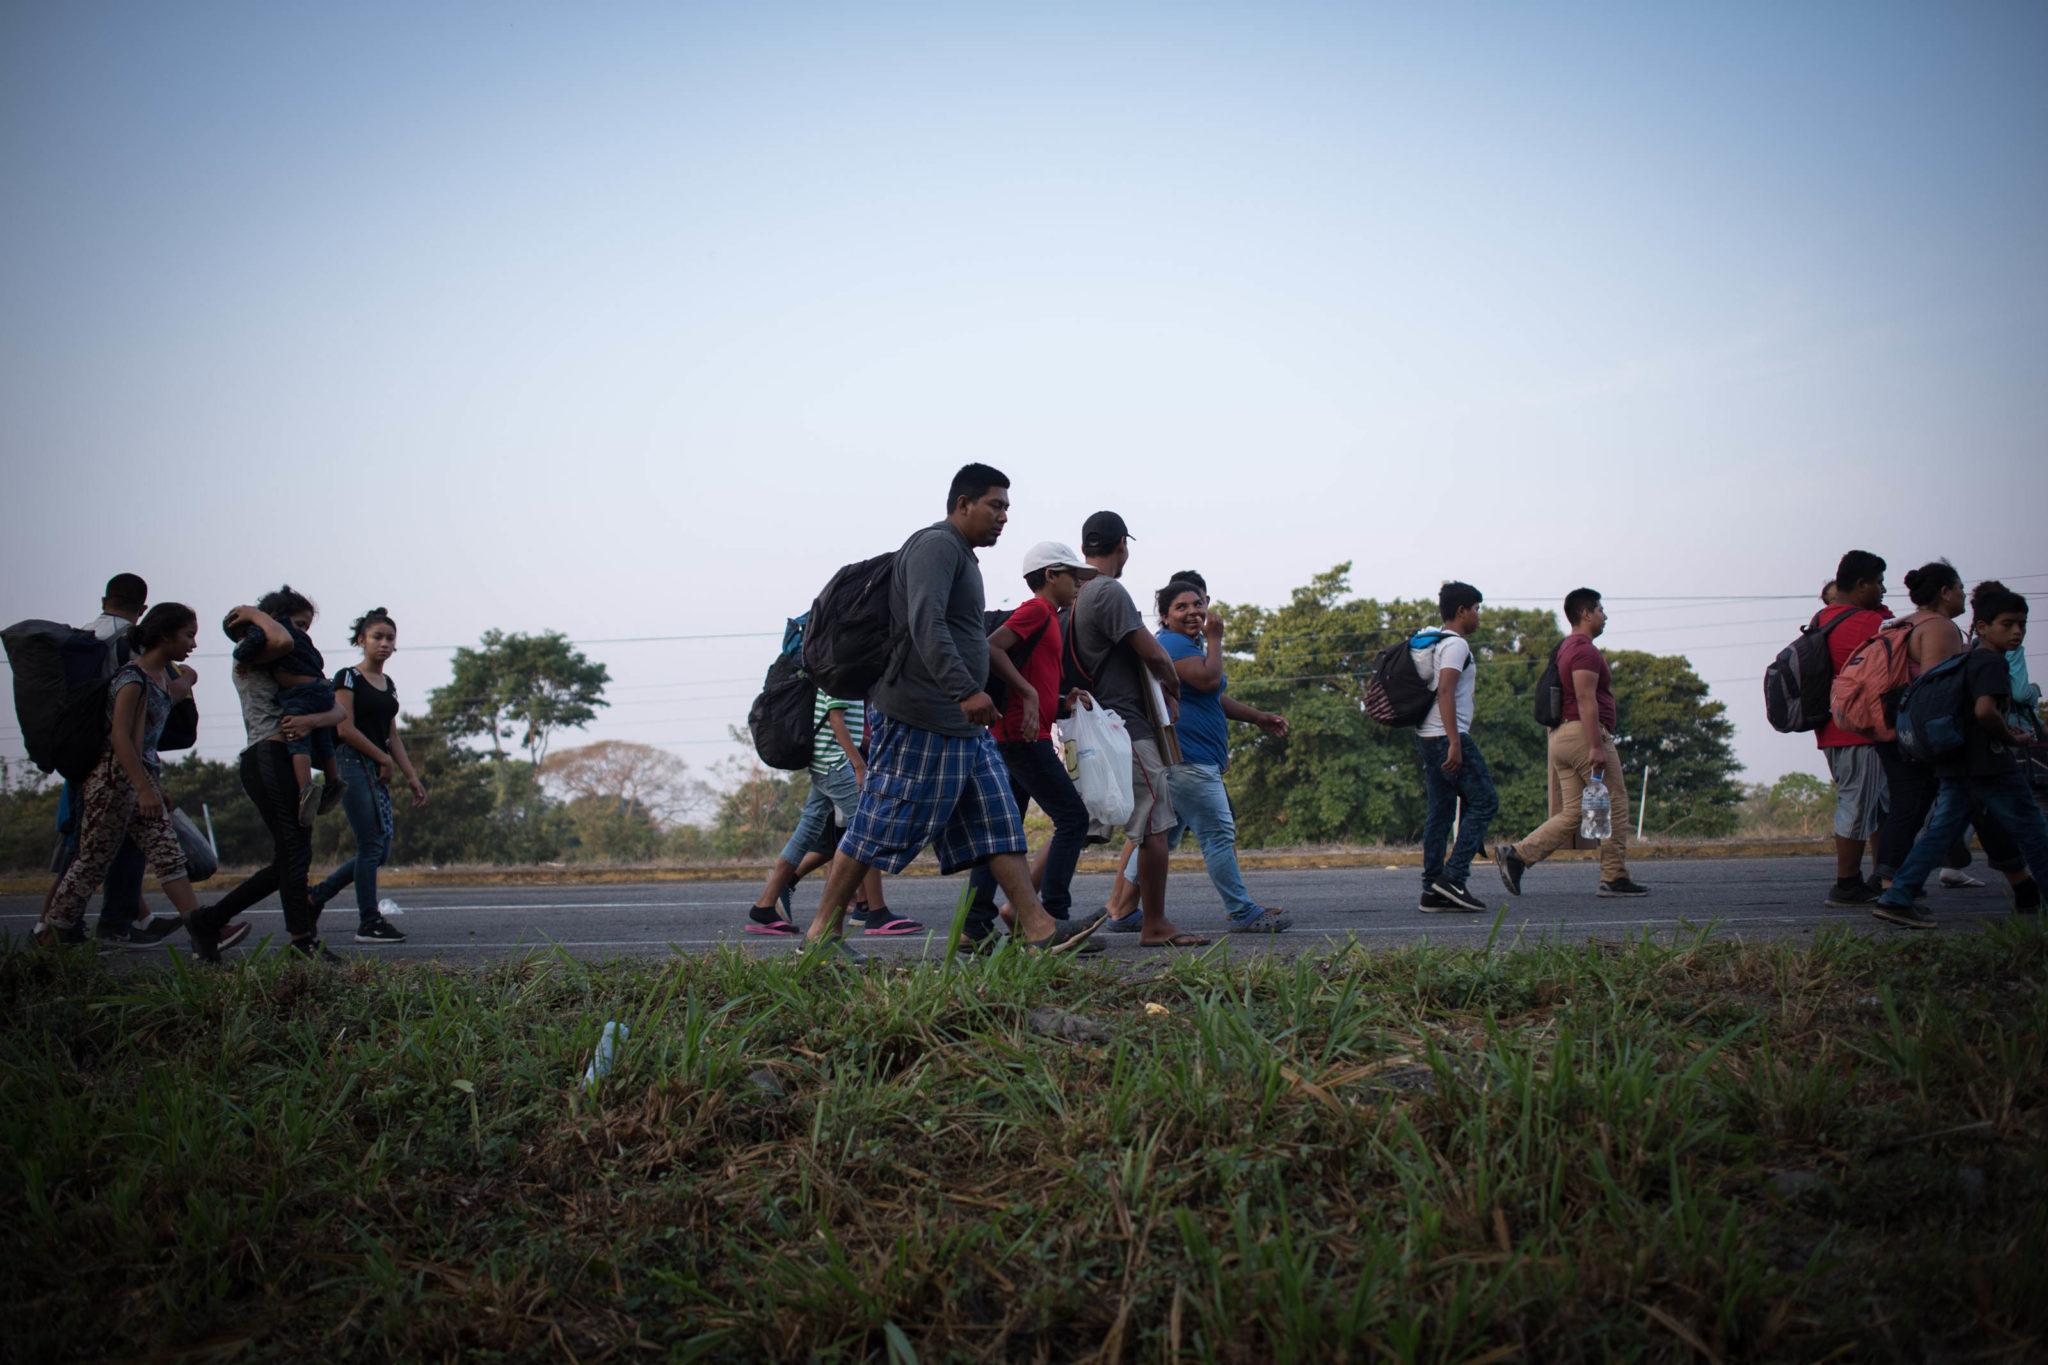 Migrantes, Caravana Migrante, Chiapas, Migración,